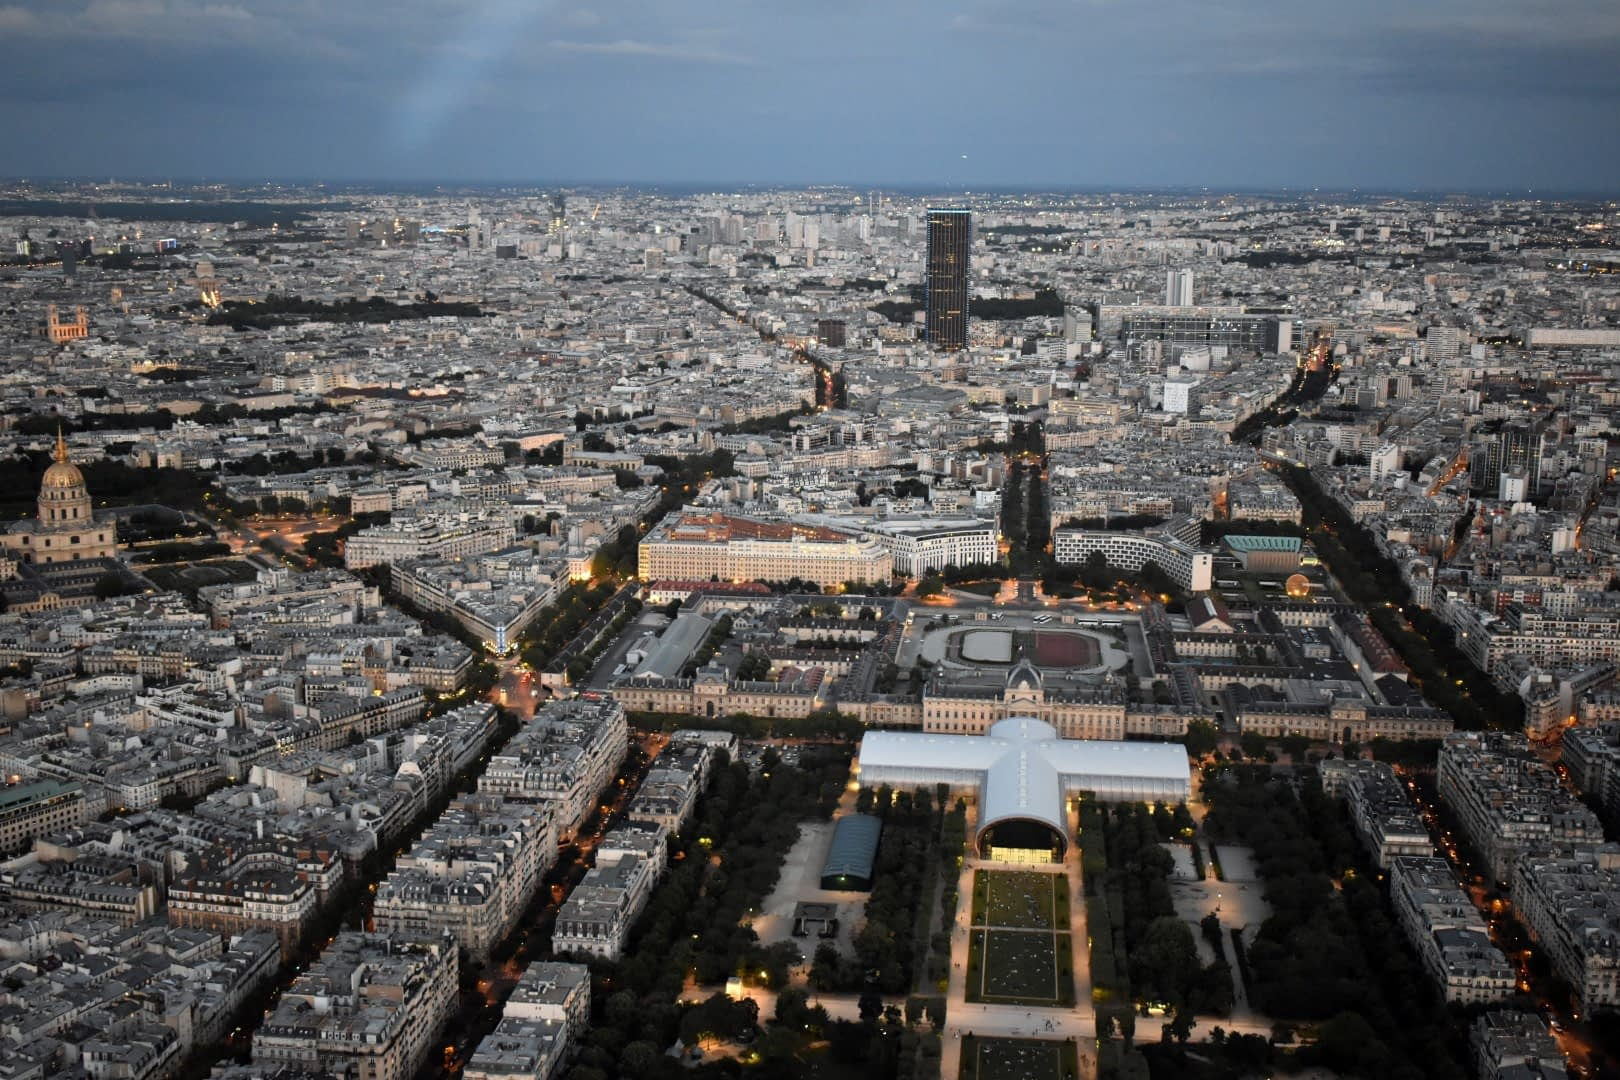 Champ de Mars, top of the Eiffel Tower, Paris